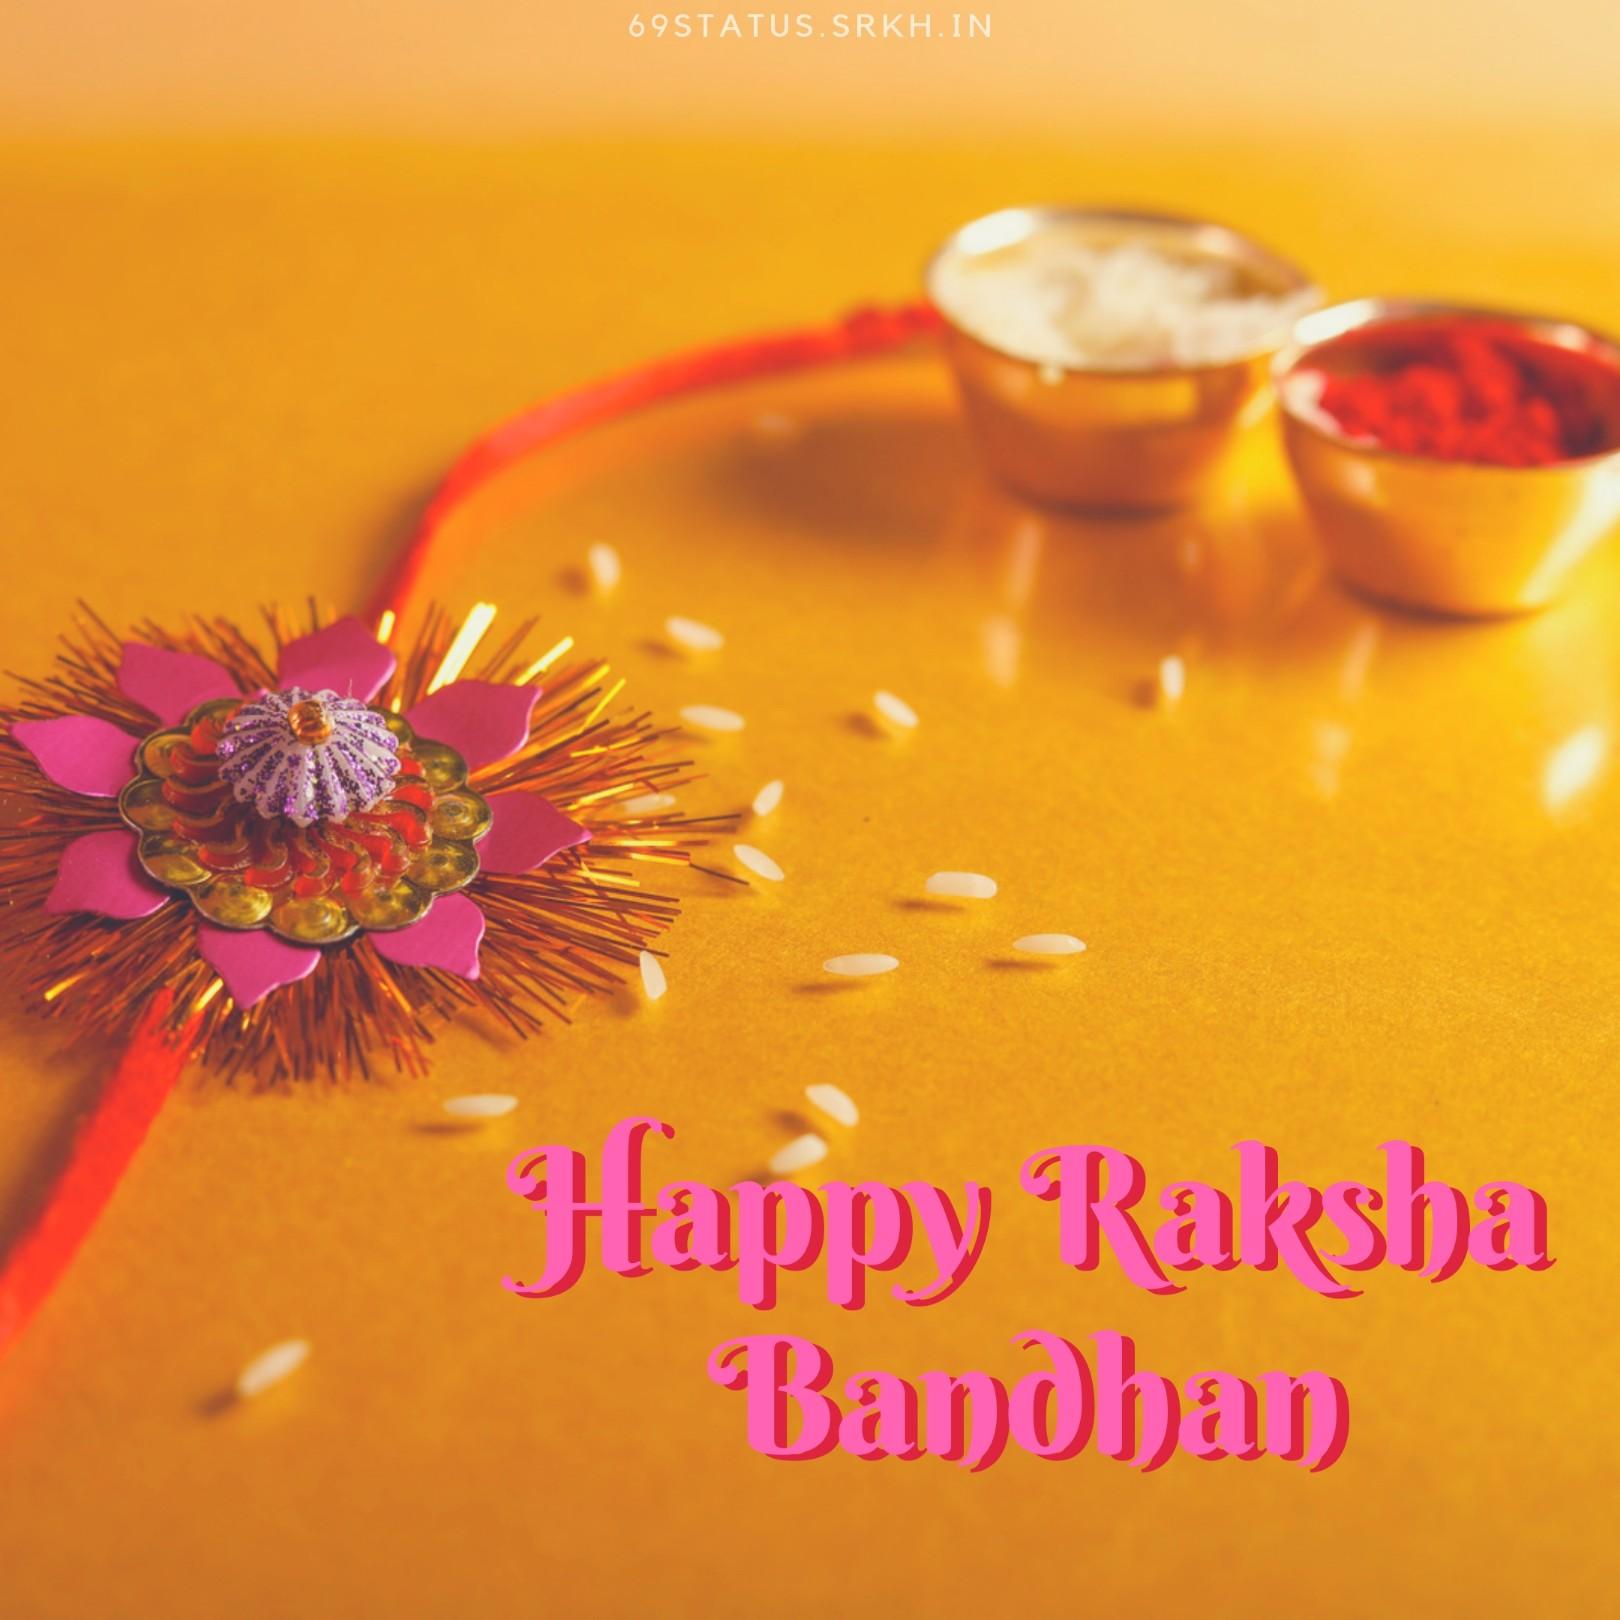 Raksha Bandhan Wishes Images full HD free download.